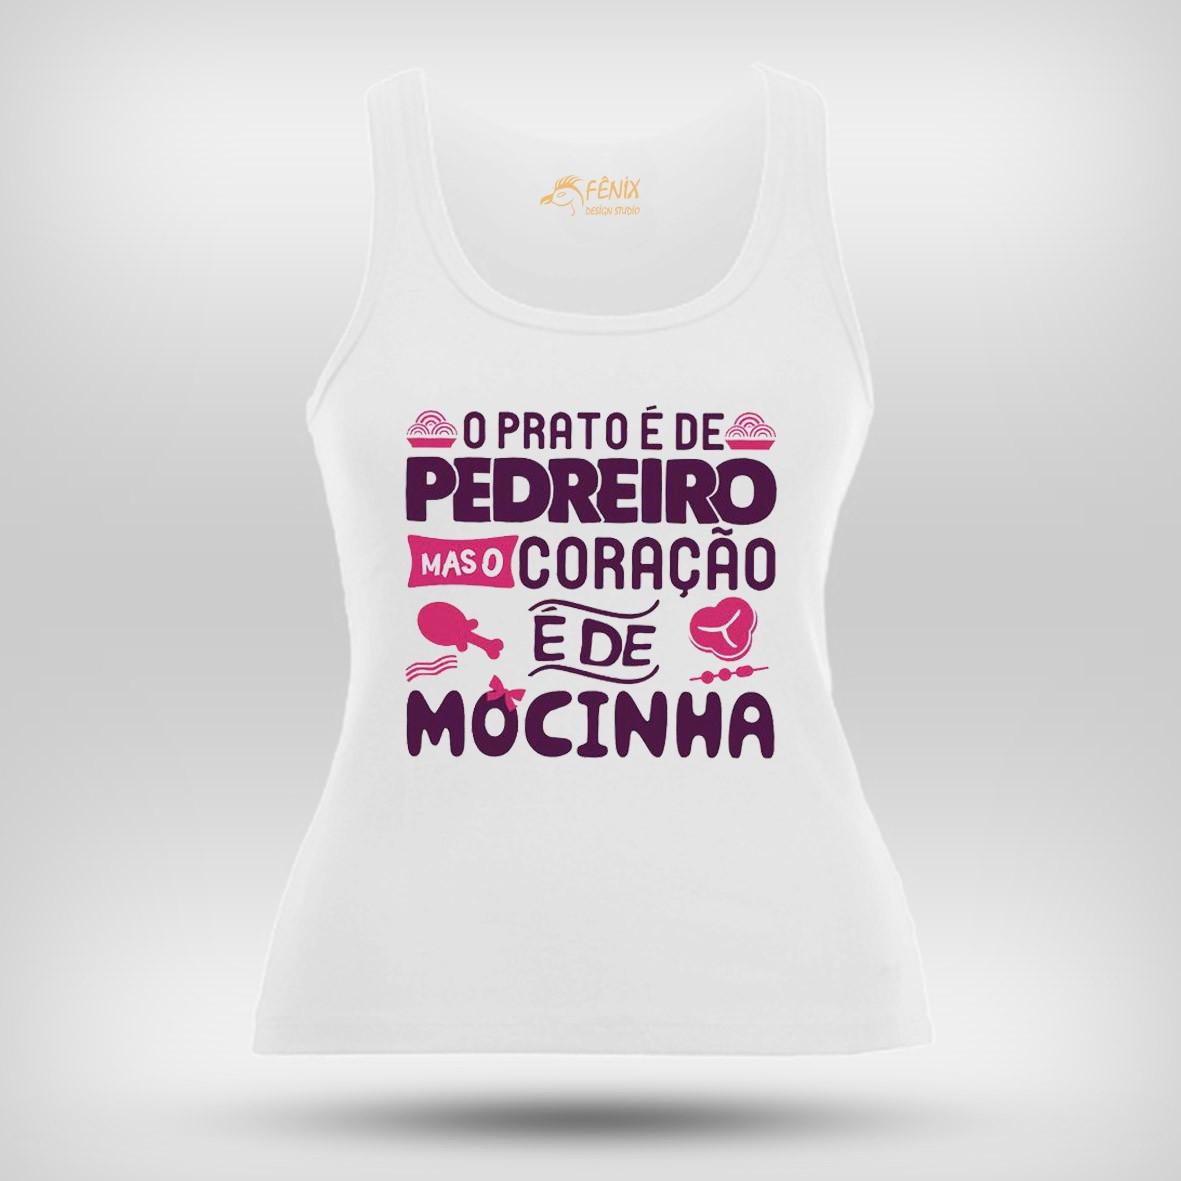 1a3cb895bf Regata Masculina ou Feminina Carnaval Promocional no Elo7